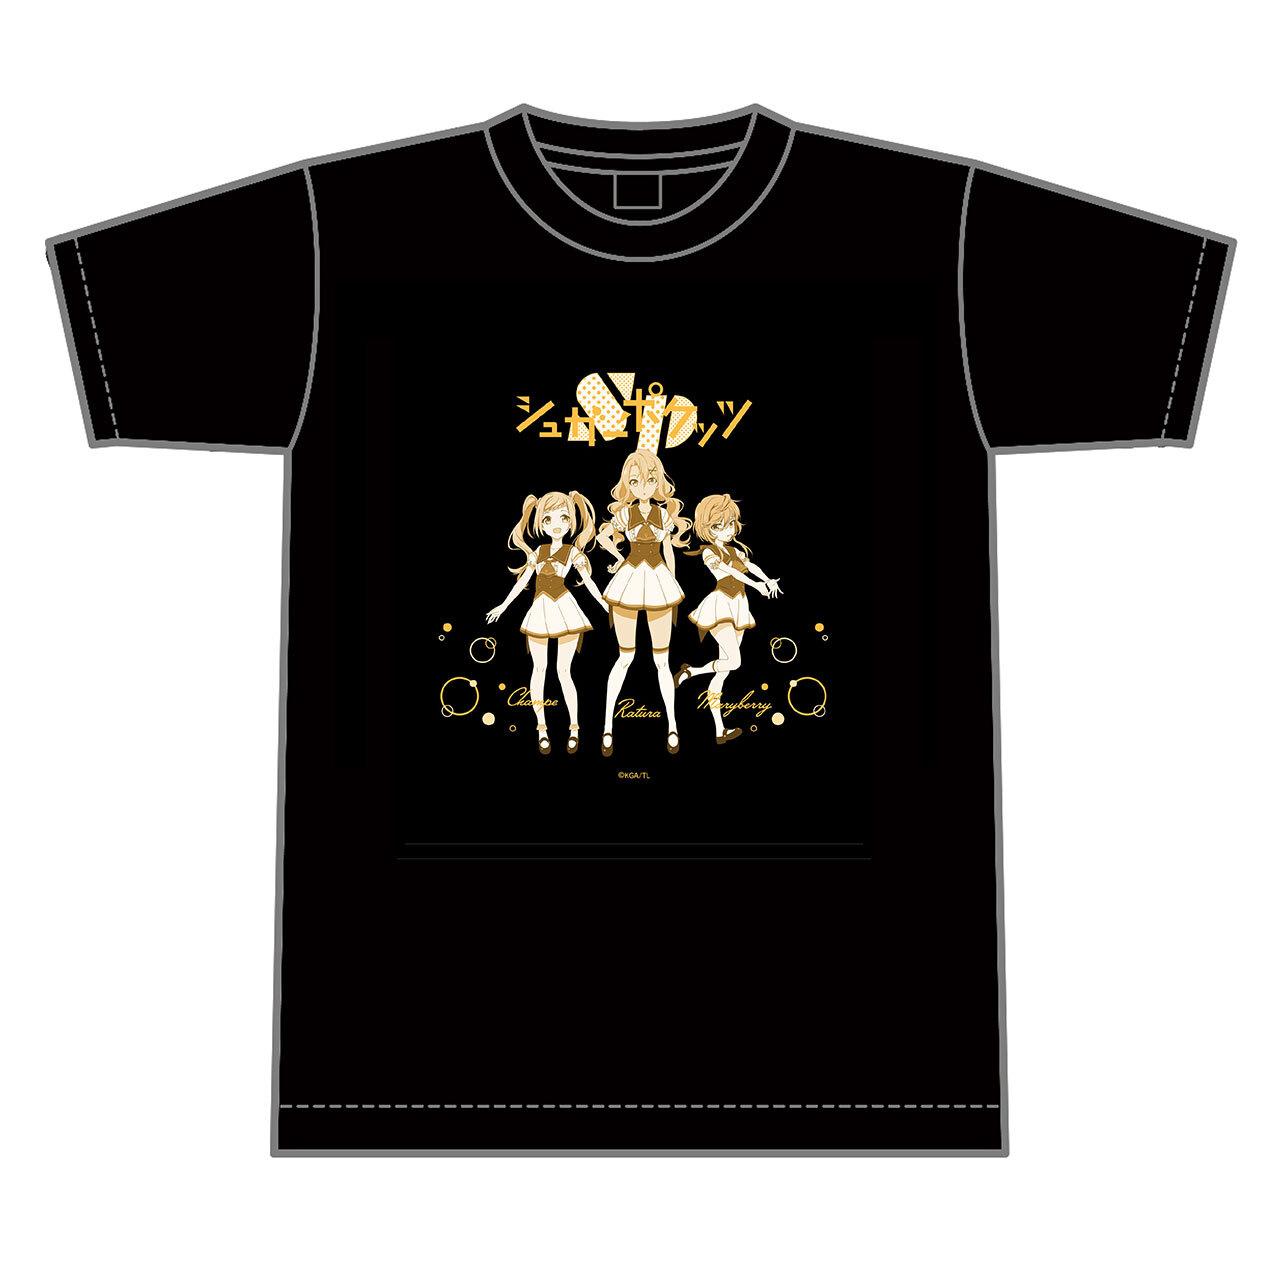 【4589839354547予】ラピスリライツ シュガーポケッツ Tシャツ 黒/XLサイズ